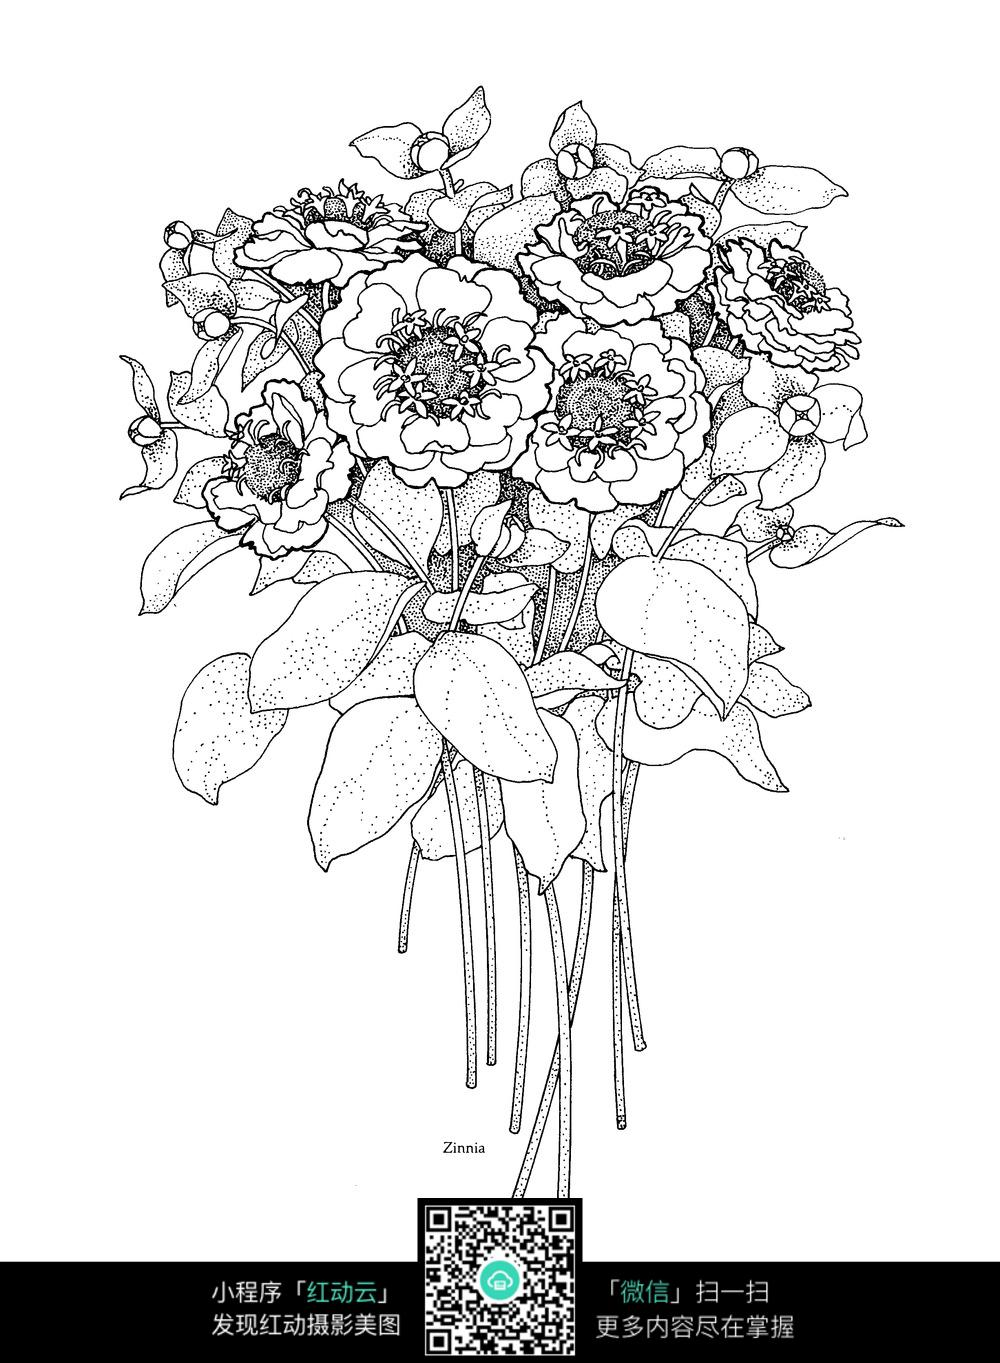 一束鲜花图案素材图片免费下载 编号3680838 红动网